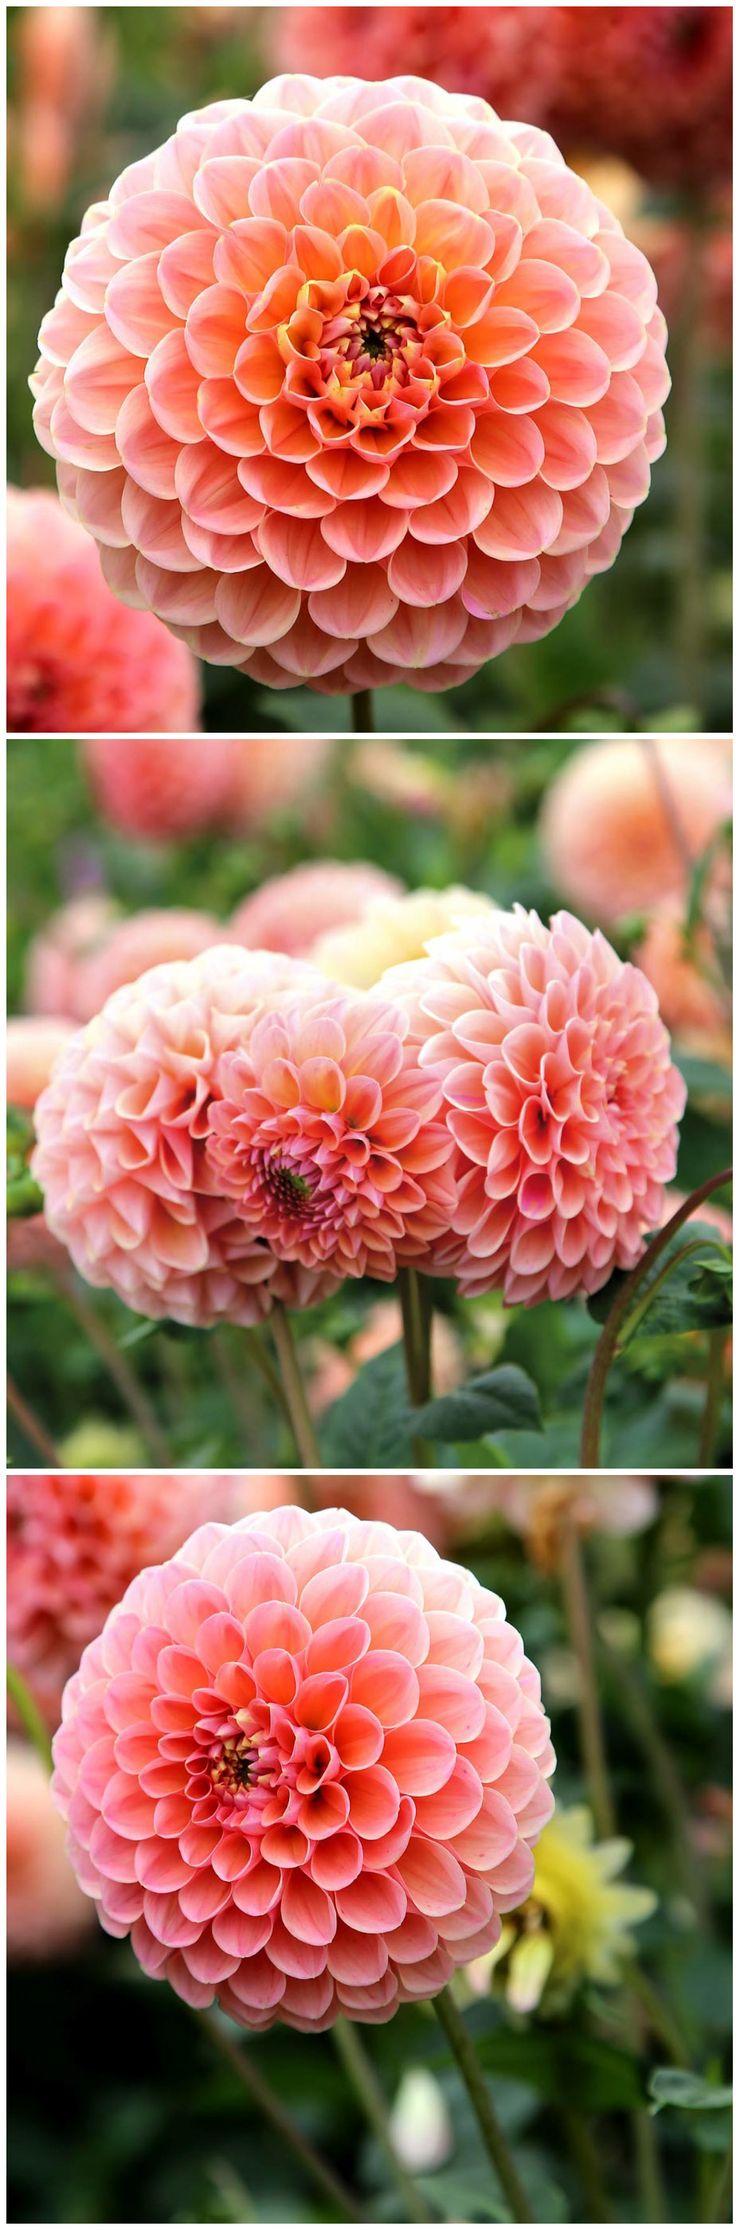 Wunderschöne #Blüten in zarten Pastell-Tönen hat DIE Neuheit 2018: Ball #Dahlie 'Princess Fellinia'. Gefunden auf www.tom-garten.de. #garten #blumen #blumenzwiebel